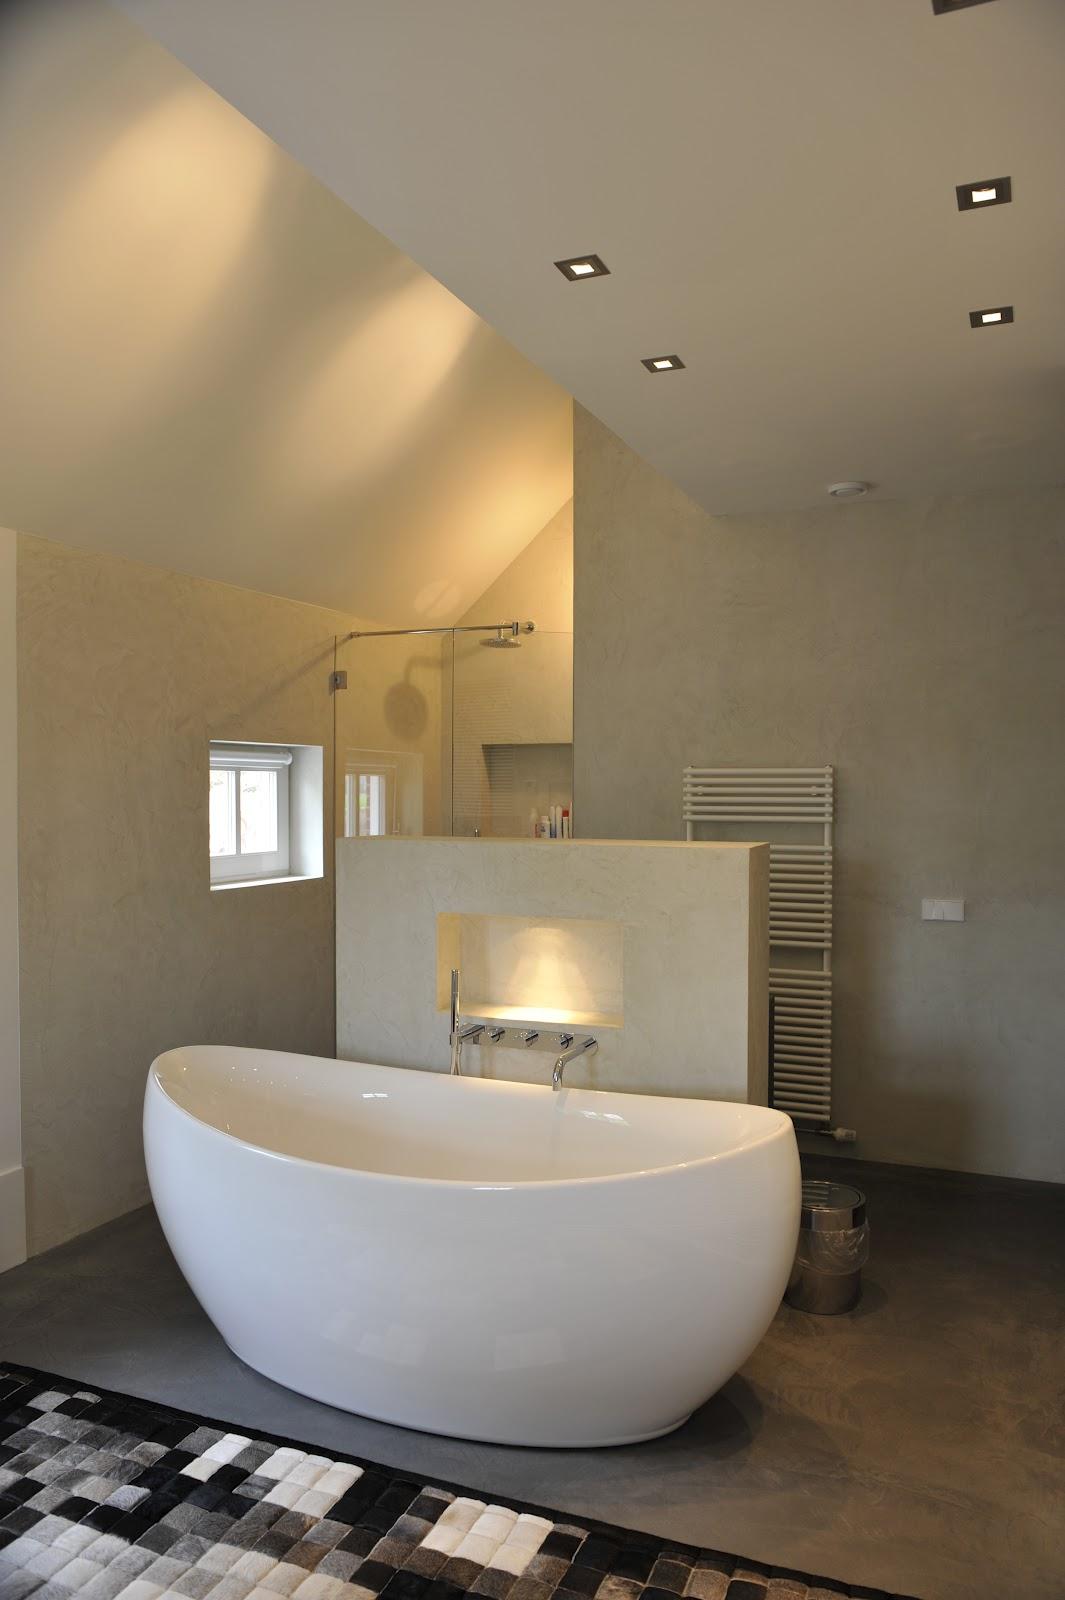 ronhuiseninterieur.nl: Een badkamer zonder tegels.